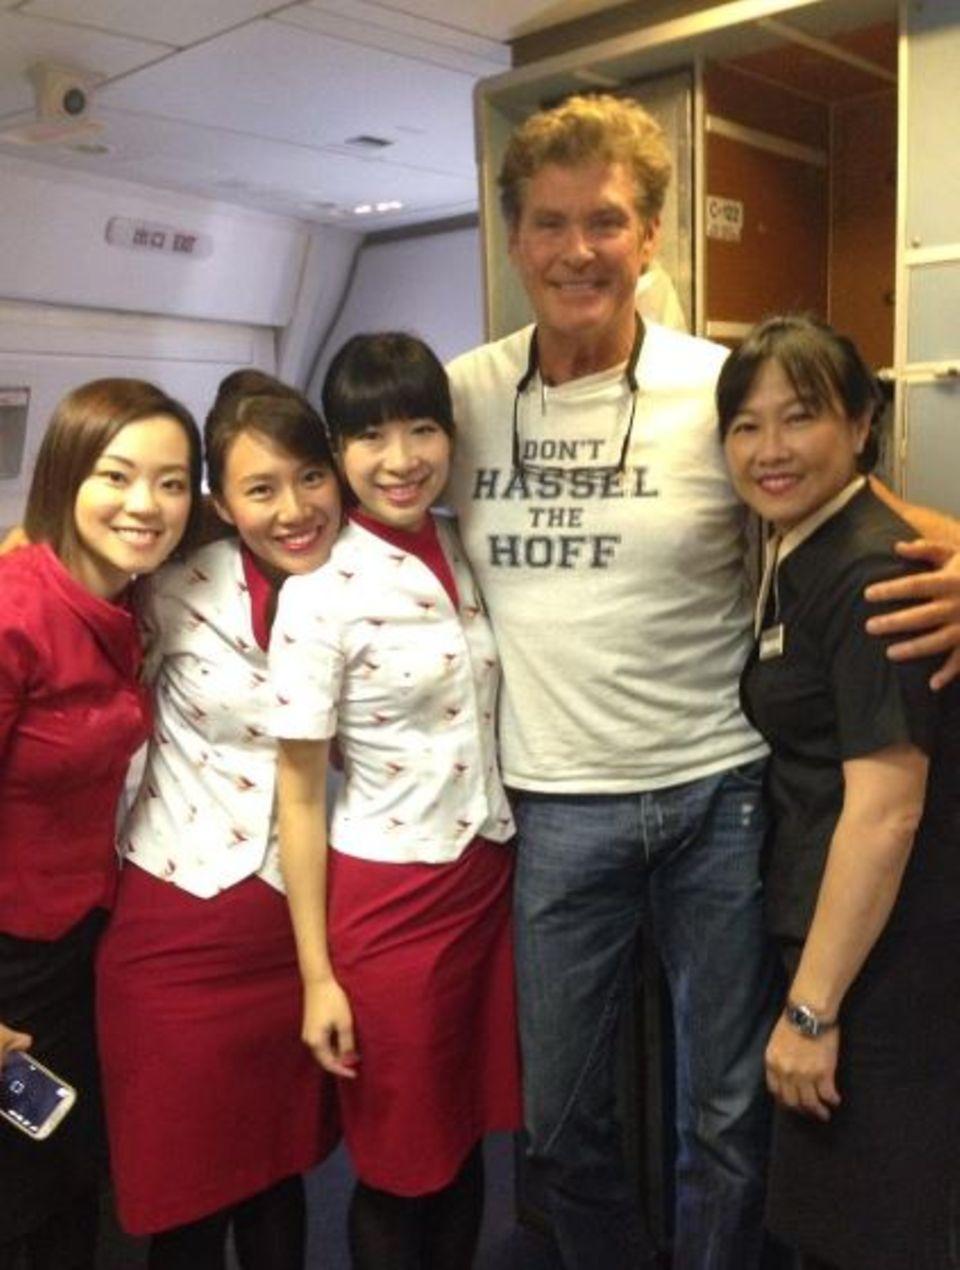 """David Hasselhoff lächelt mit den Stewardessen auf seinem Flug nach Bali in die Kamera und verkündet auf seinem Shirt """"Don't Hassell The Hoff""""."""